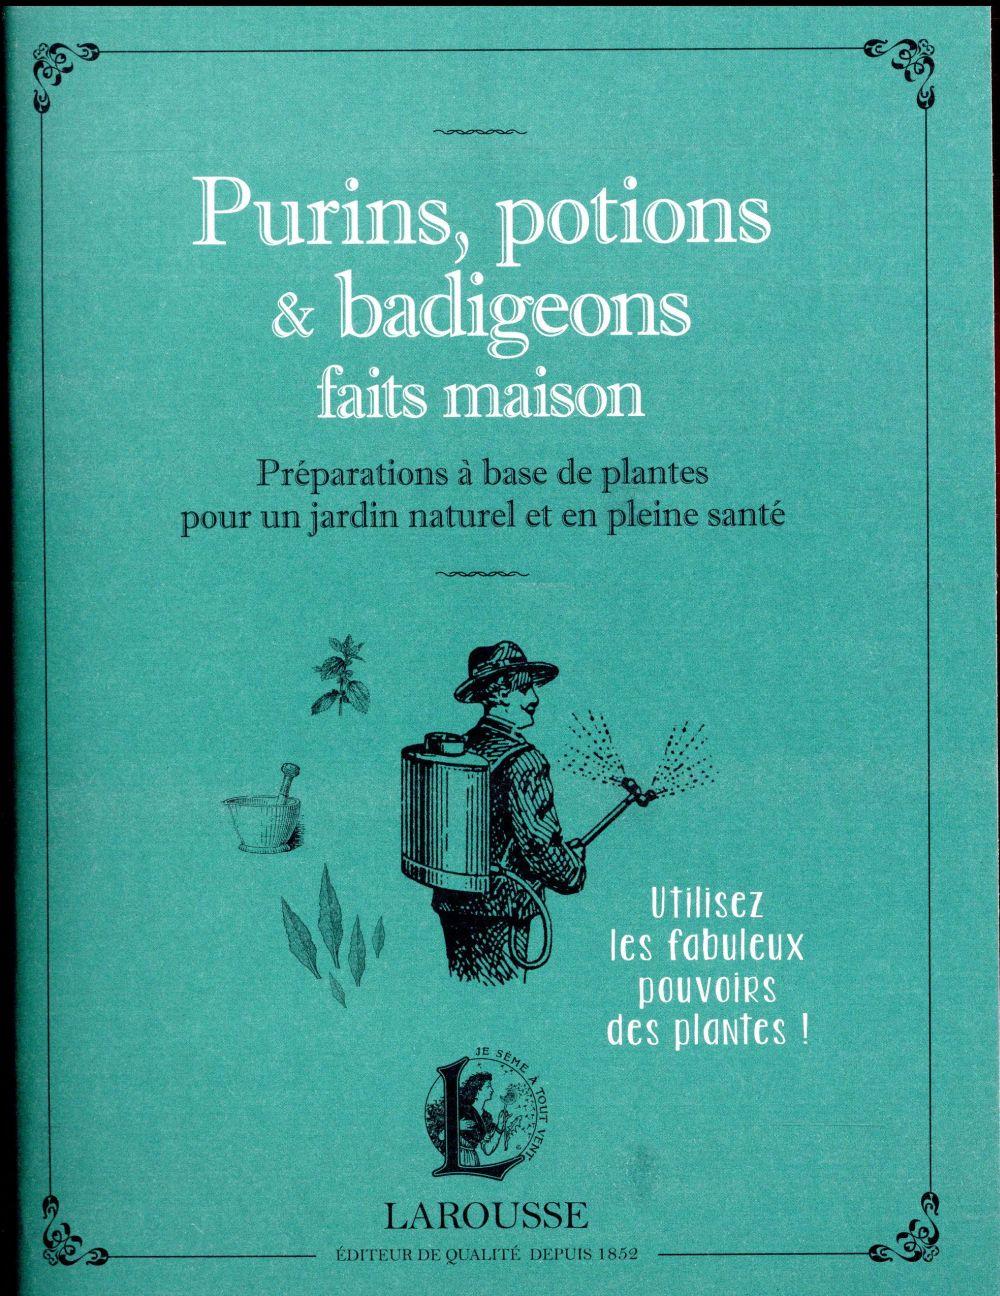 Purins, potions & badigeons faits maison ; préparations à base de plantes pour un jardin naturel et en pleine santé